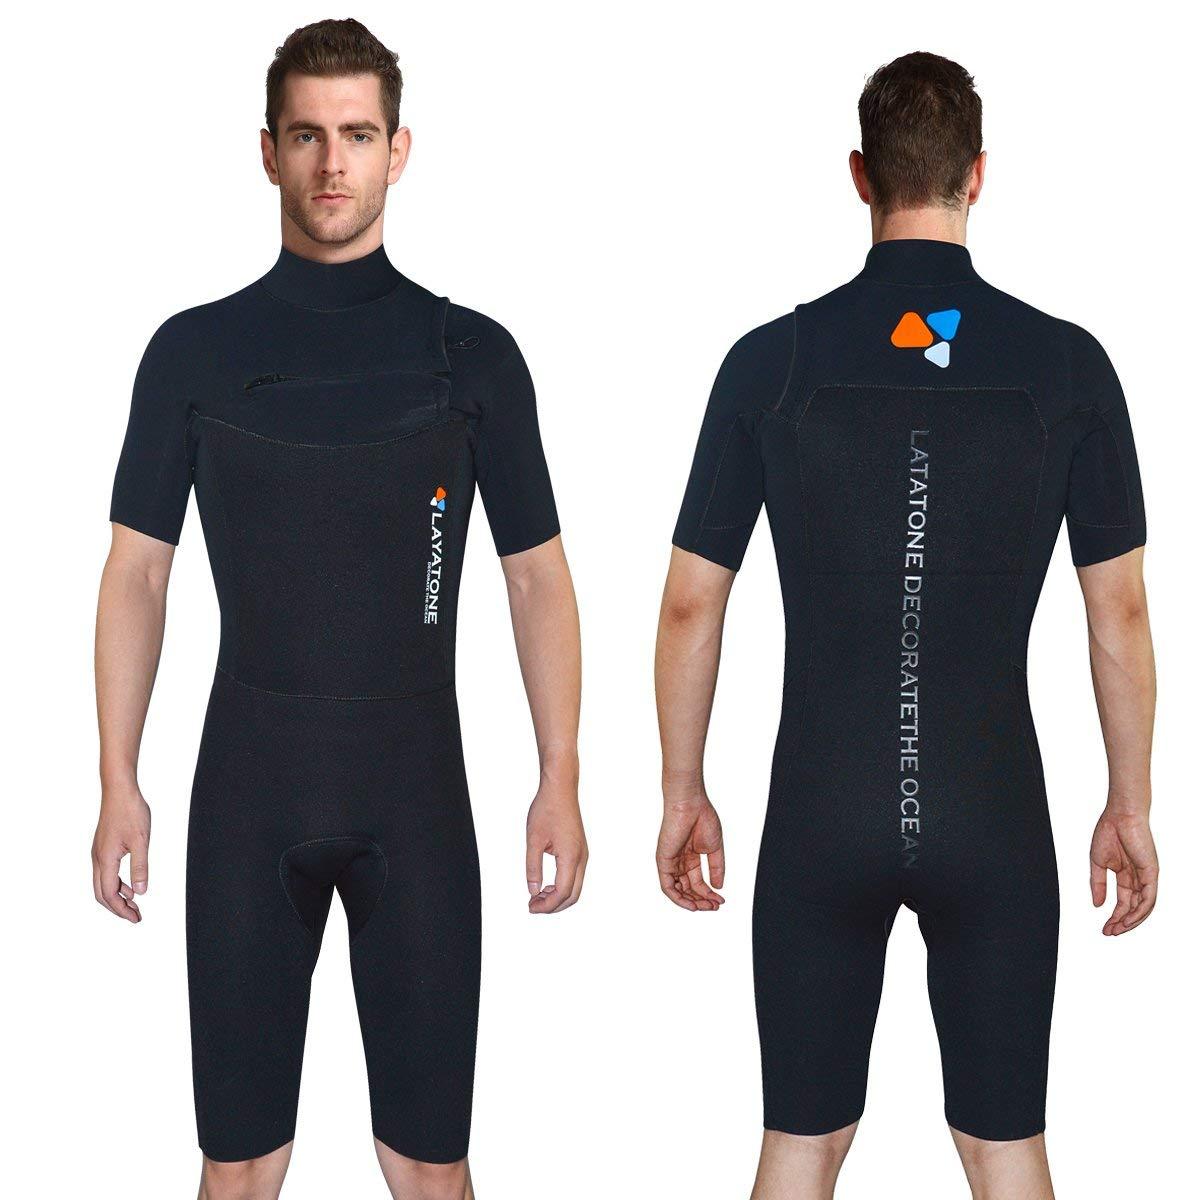 ad7de0d156 Get Quotations · ALEEYA 3mm Neoprene Shorty Wetsuits Men Women –LAYATONE  Diving Snorkeling Surfing Suit Short Sleeves Swimsuit